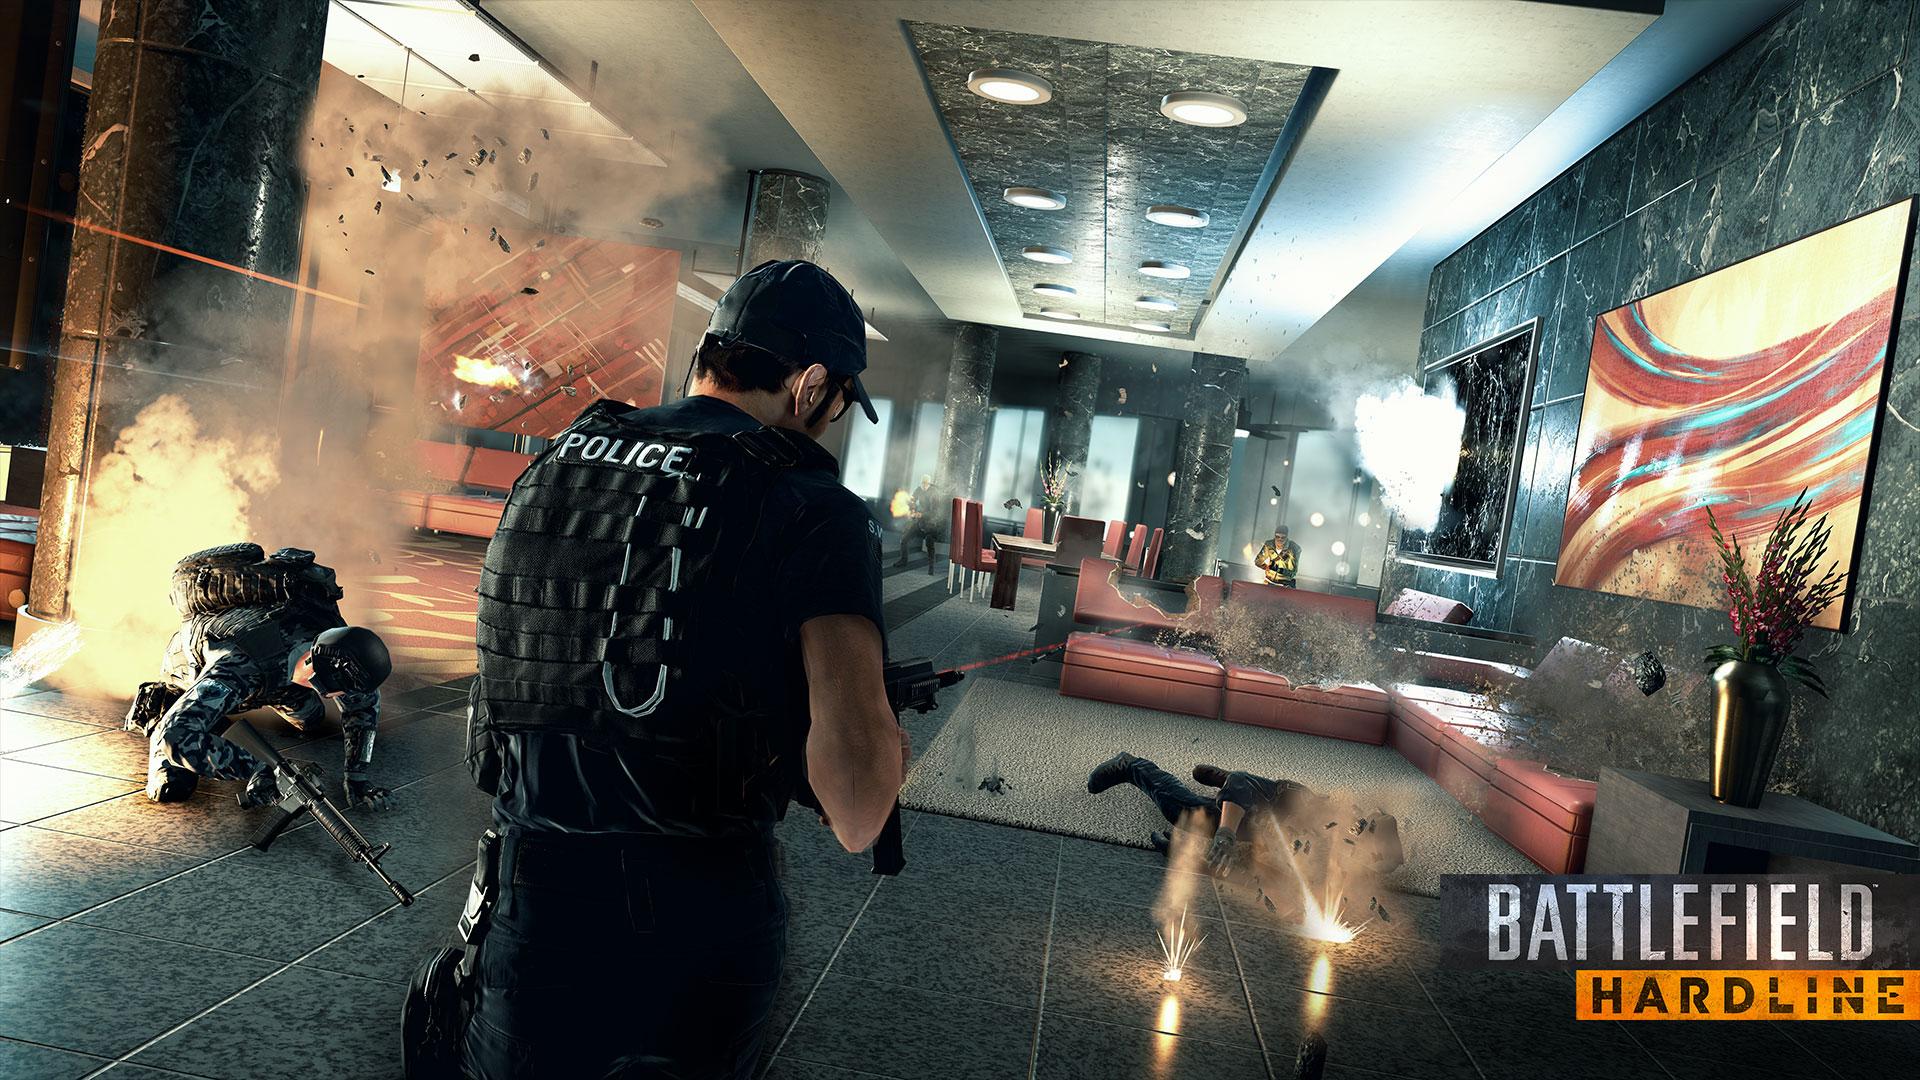 Battlefield Hardline - Police Lounge - Render Screen Full HD - 1920x1080